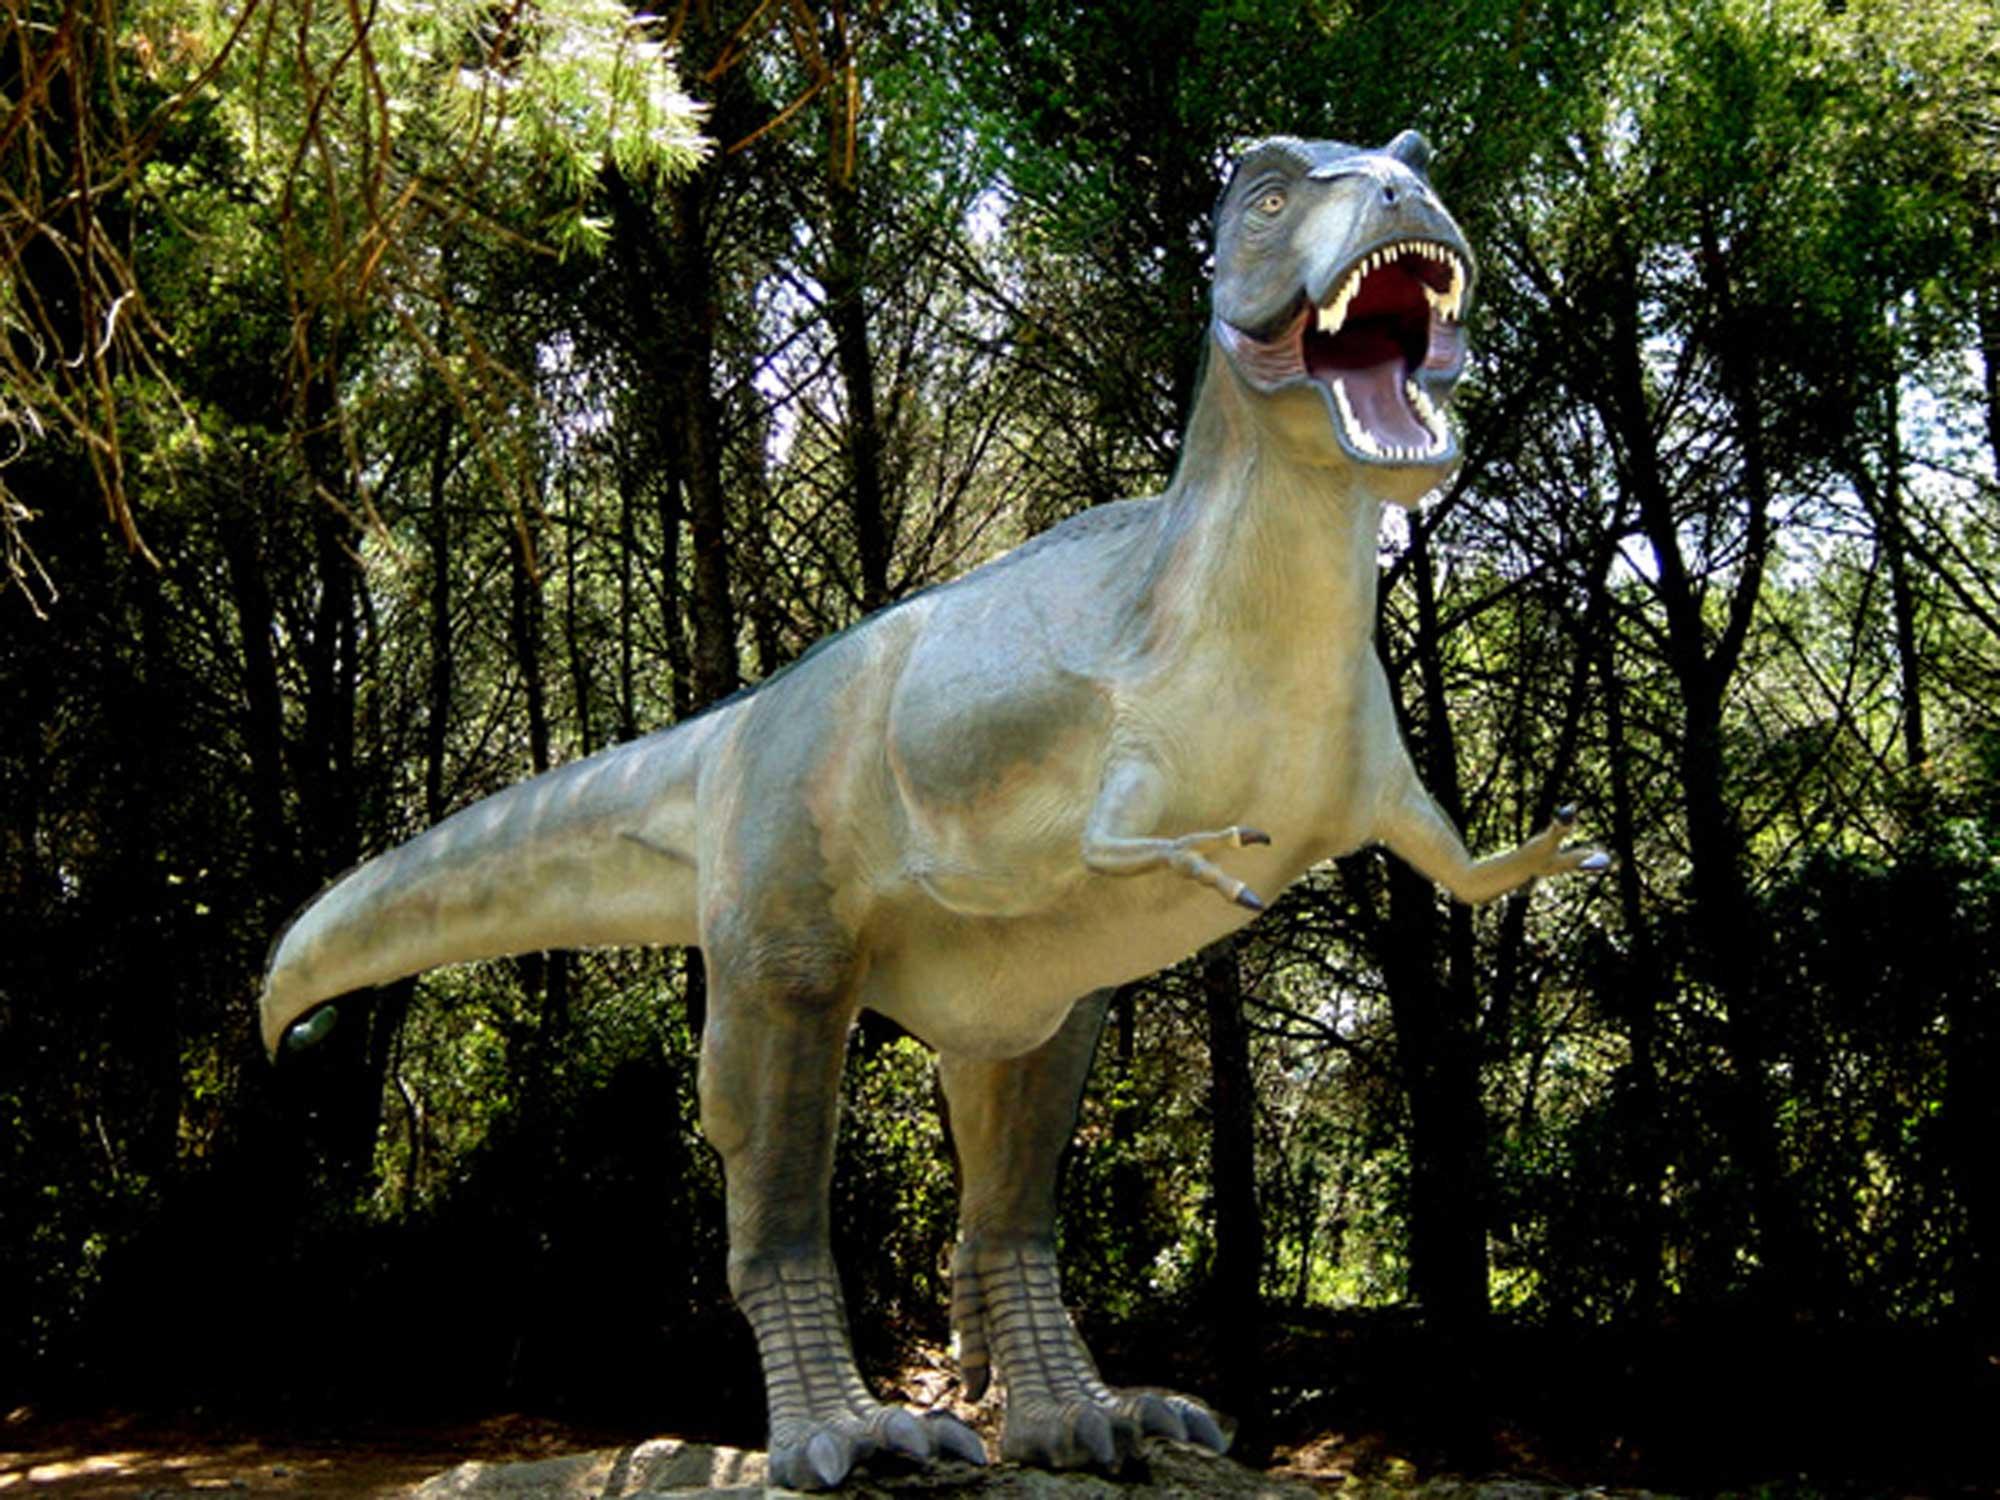 Musée Parc des dinosaures